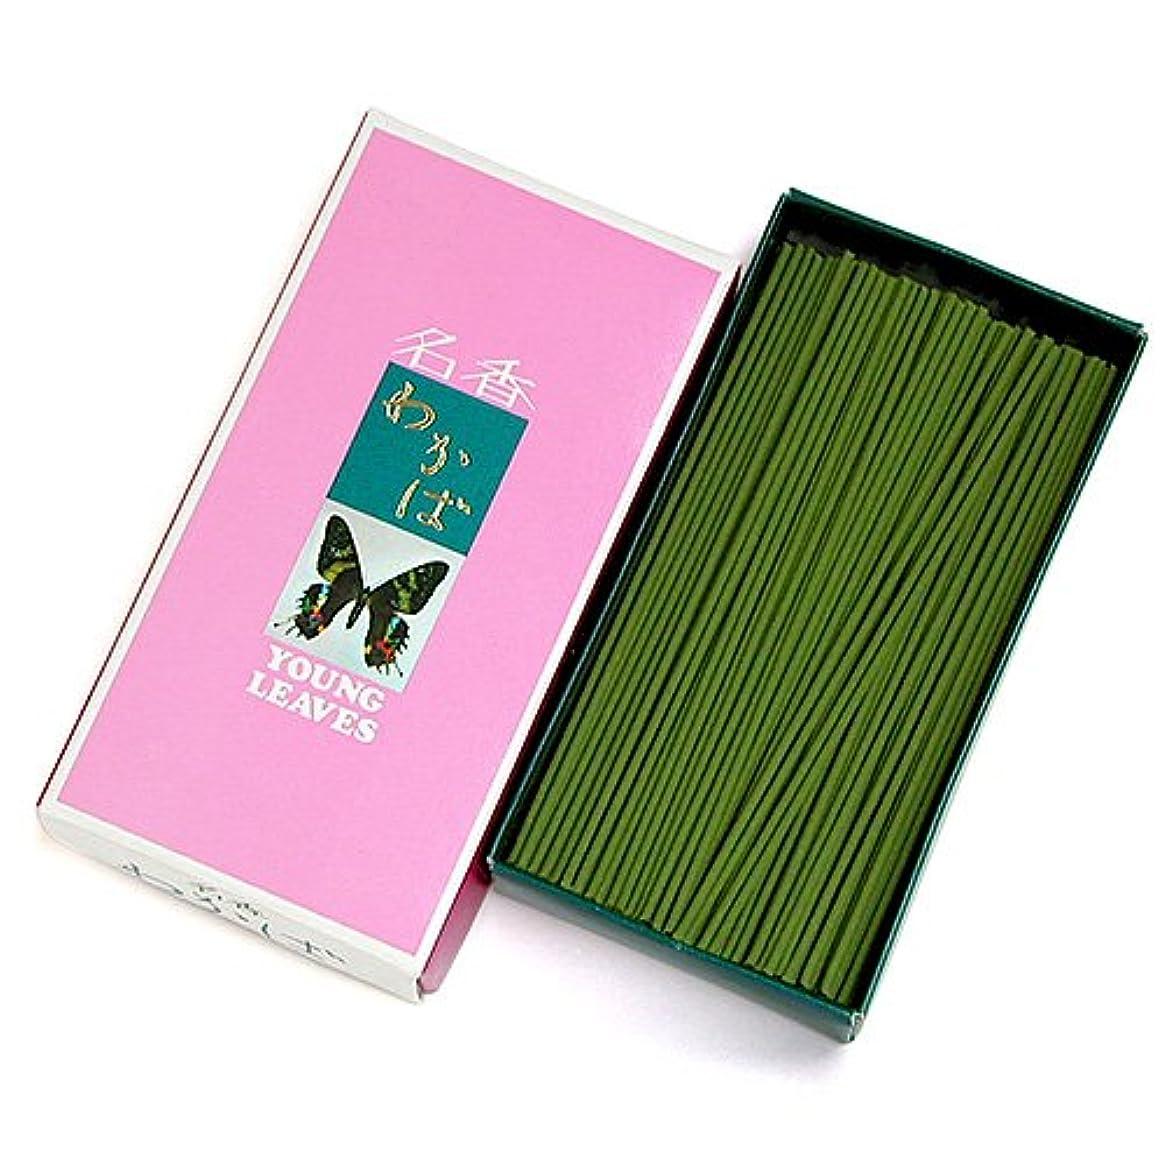 入浴かご白い家庭用線香 わかば(箱寸法16×8.5×3.5cm)◆香木と調和した香水の香りのお線香(大発)